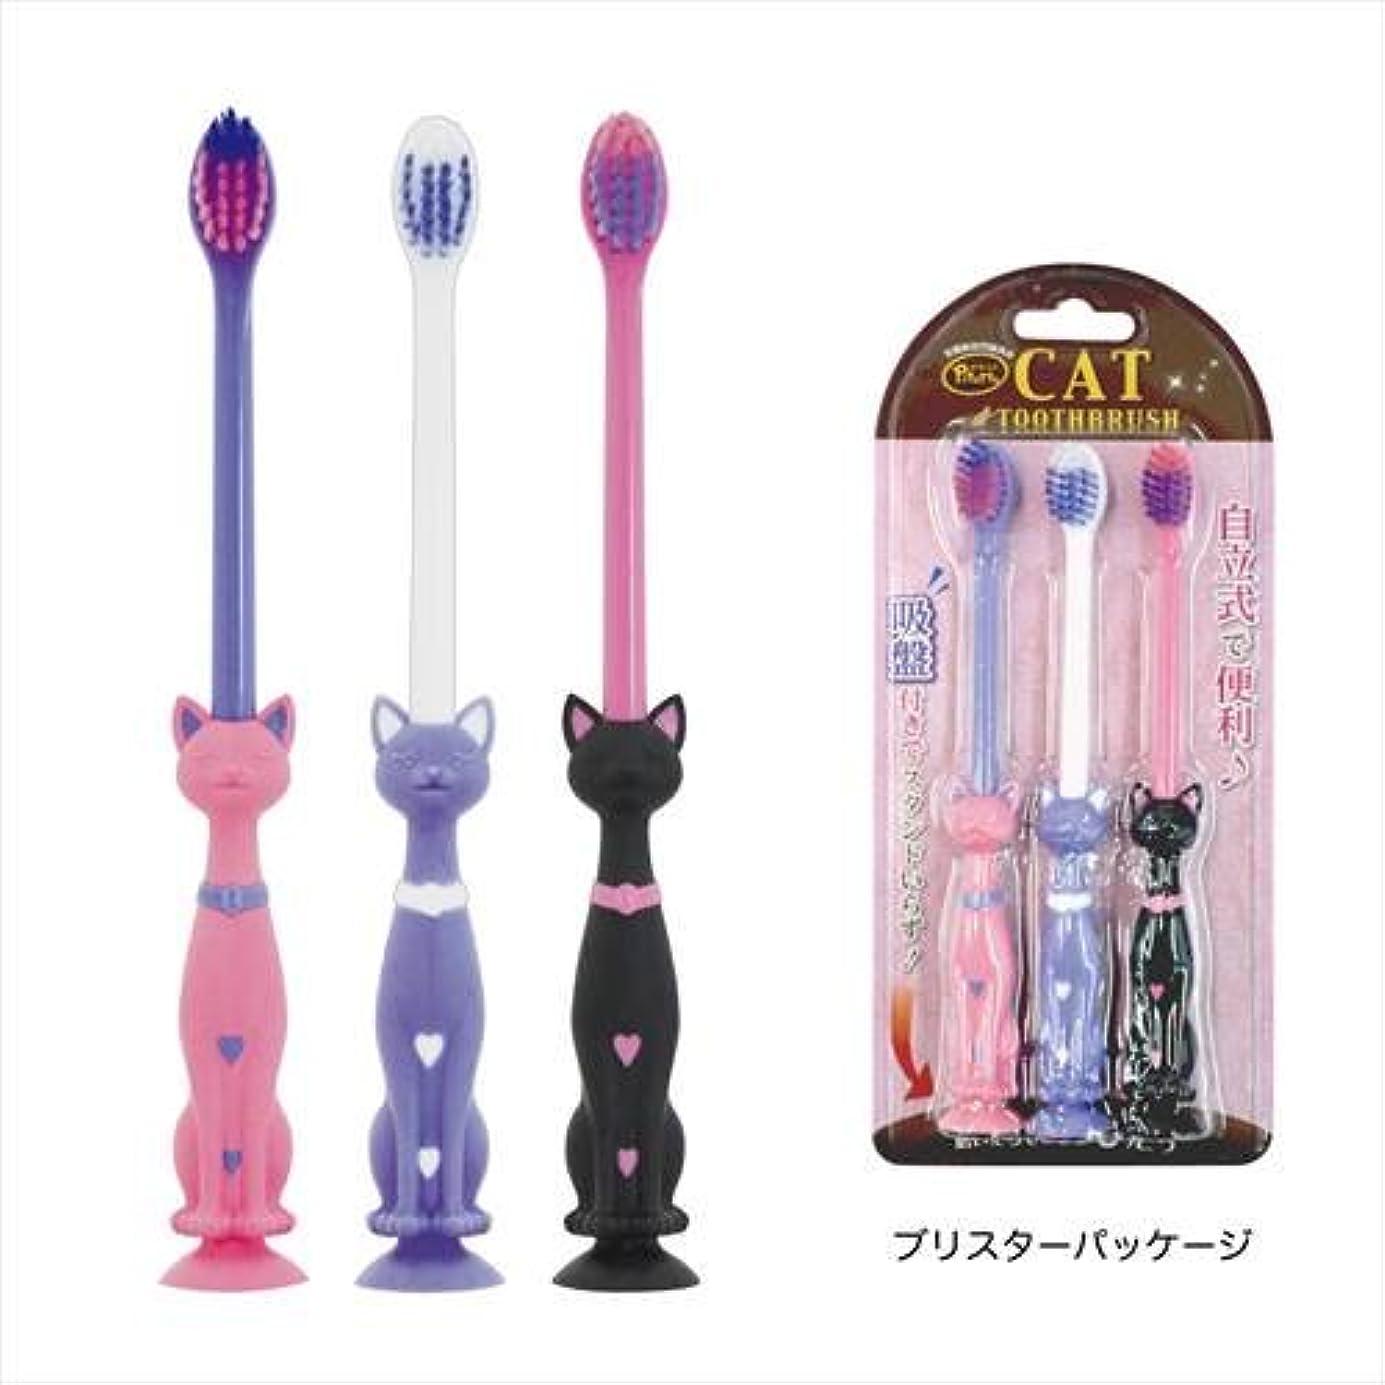 拡散する登場人工的なファニー歯ブラシ ネコ 3本セット